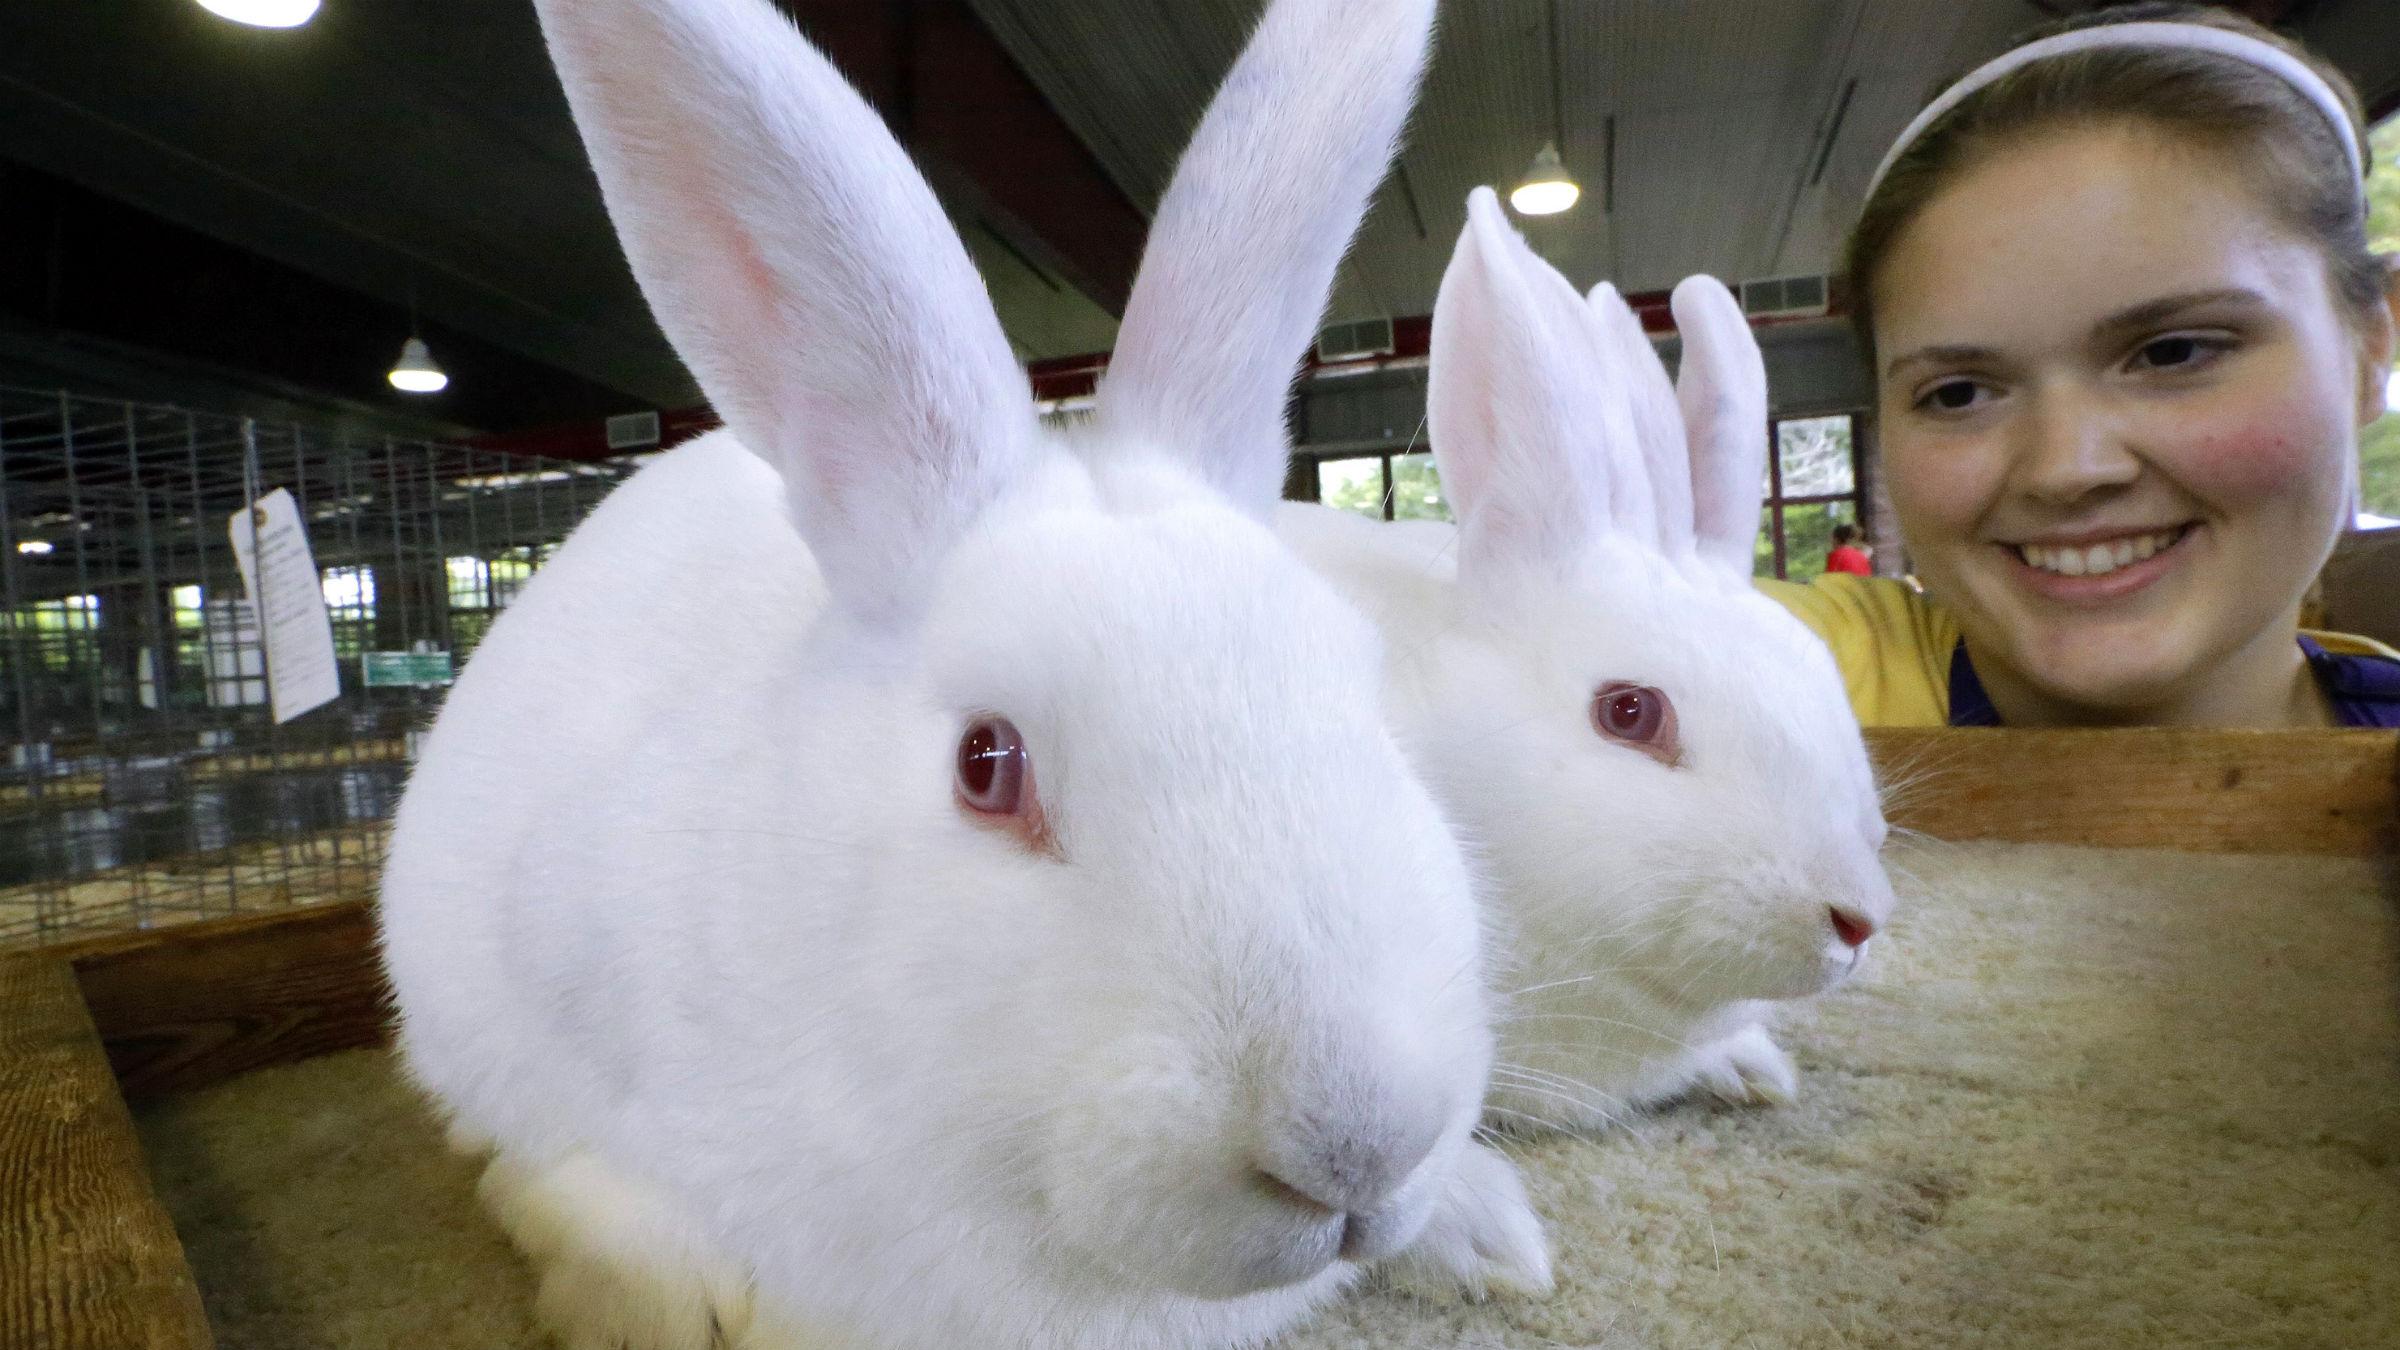 Rabbits at State Fair